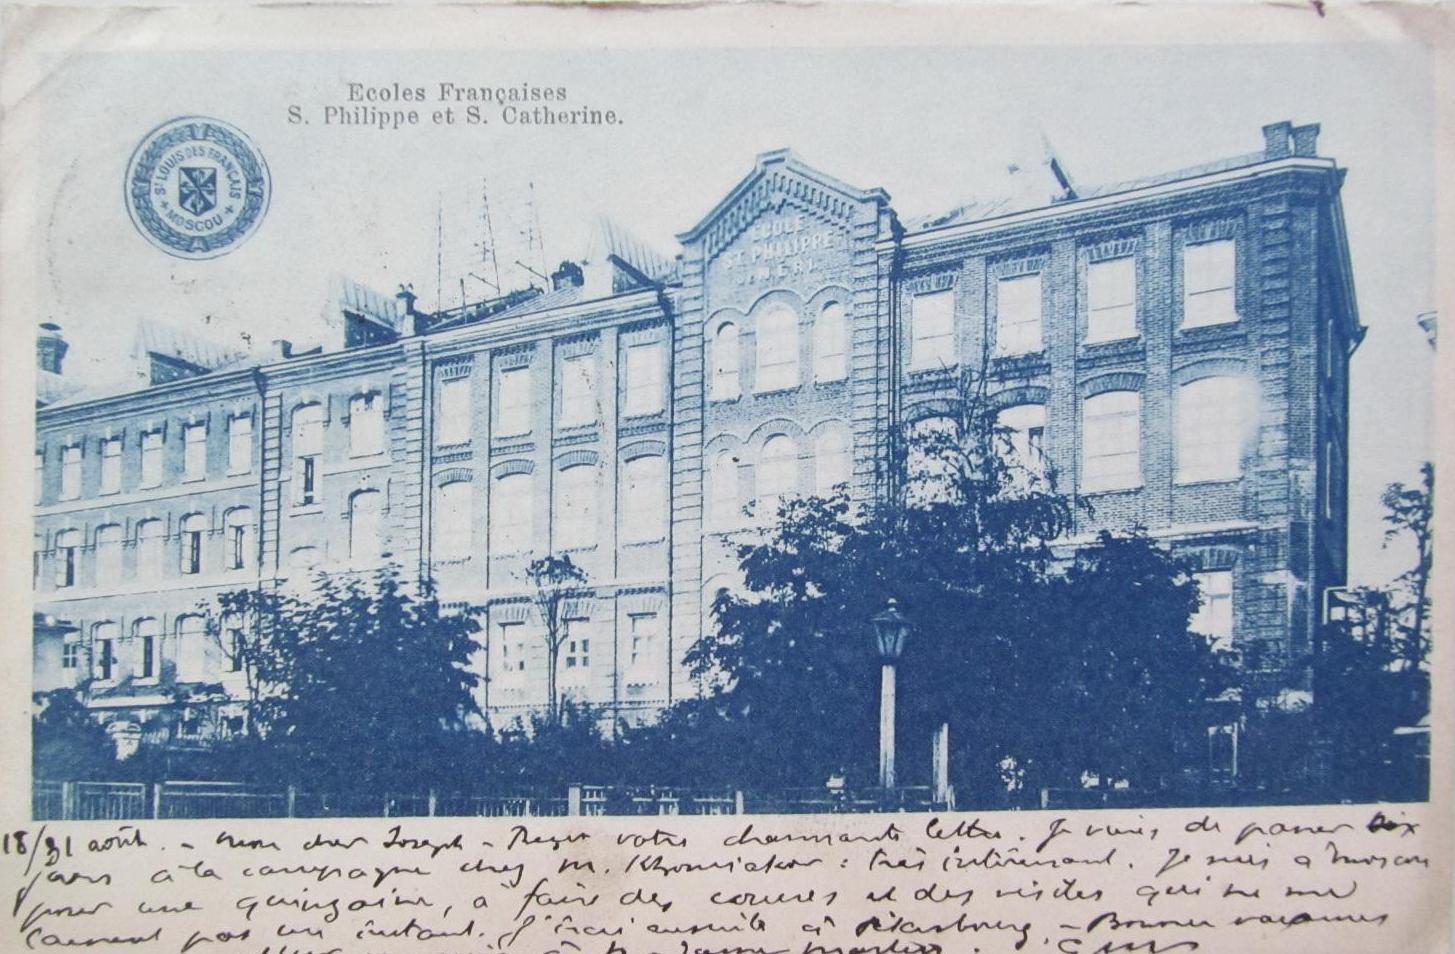 Французская школа Святого Филиппа и Святой Катерины